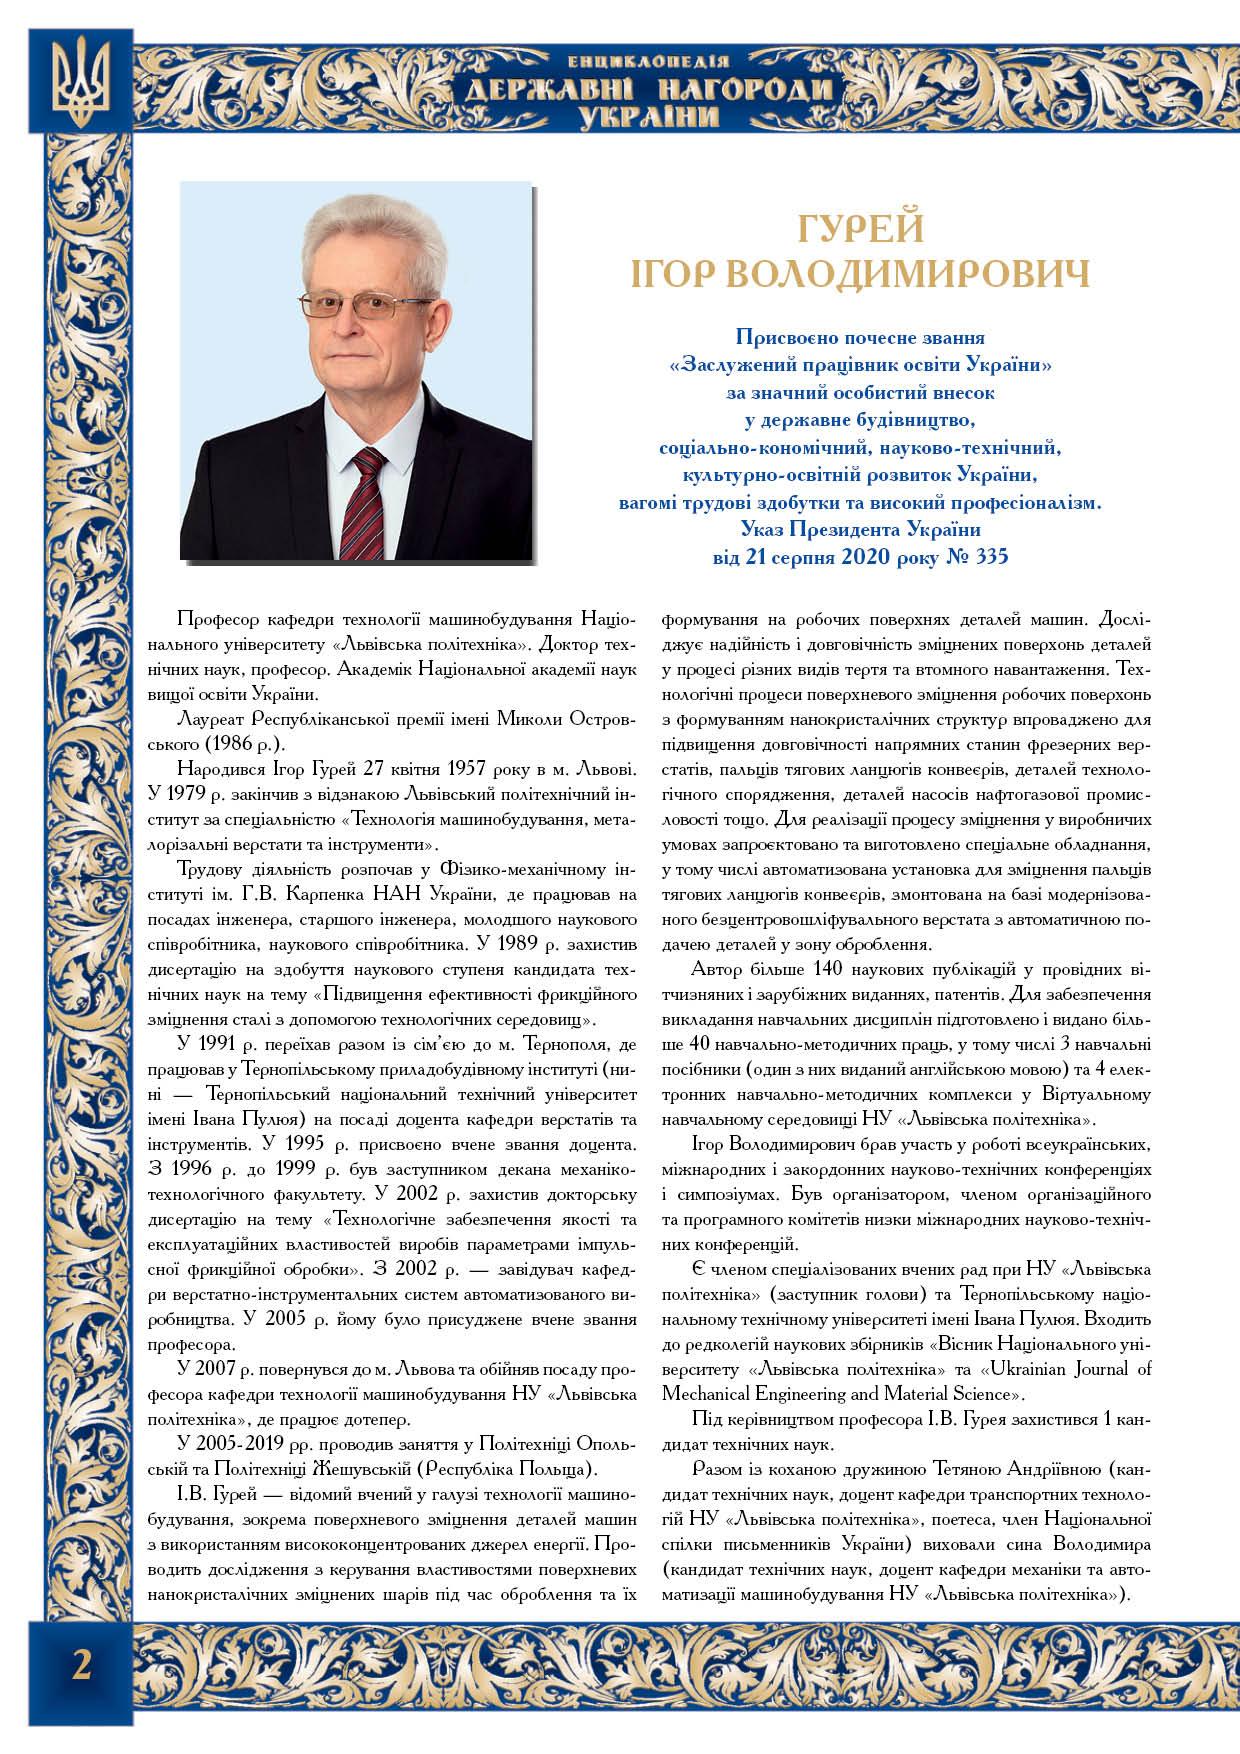 Гурей Iгор Володимирович